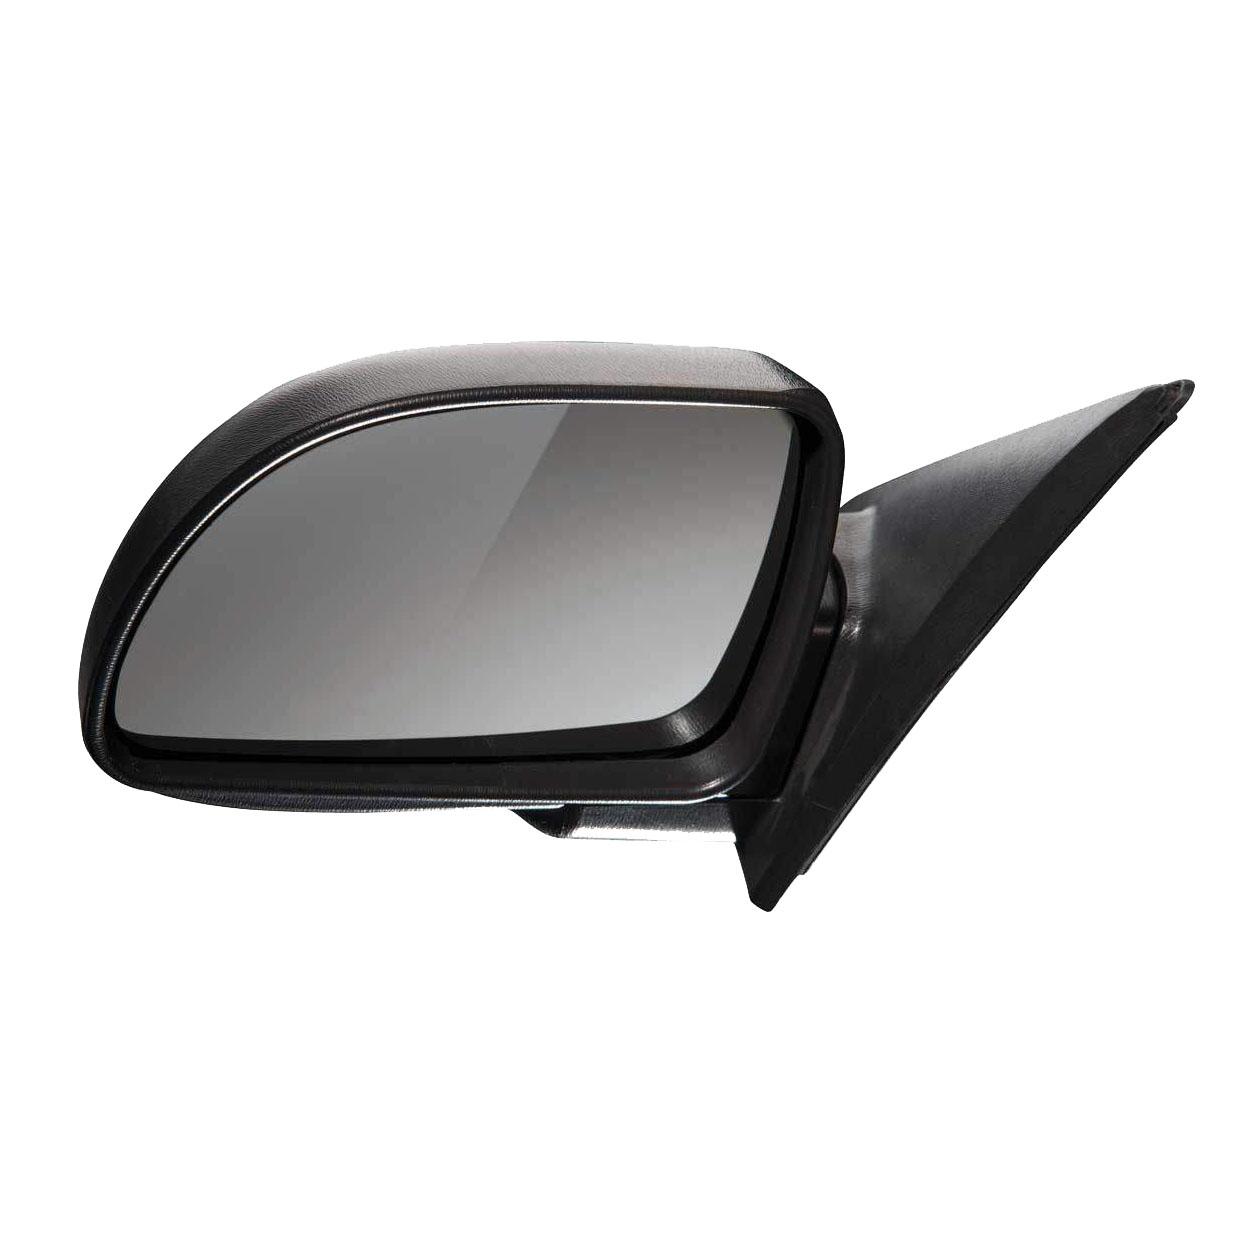 آینه  جانبی چپ خودرو یکتا کوش آور مدل AM 5964 L مناسب برای تیبا